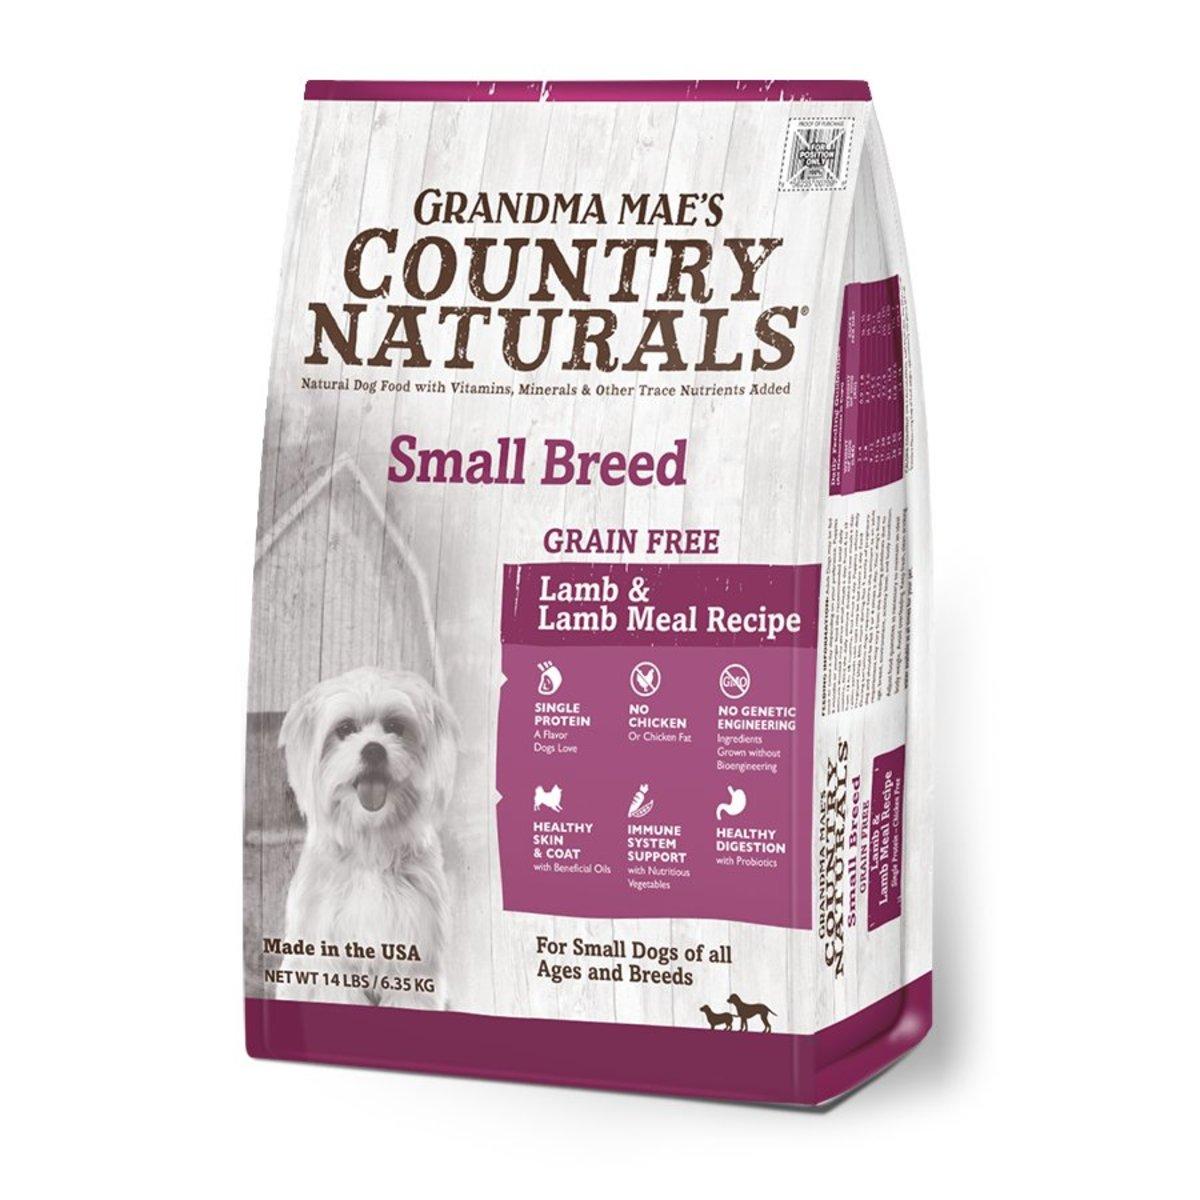 中小型犬無穀物羊肉防敏精簡配方糧 14lb